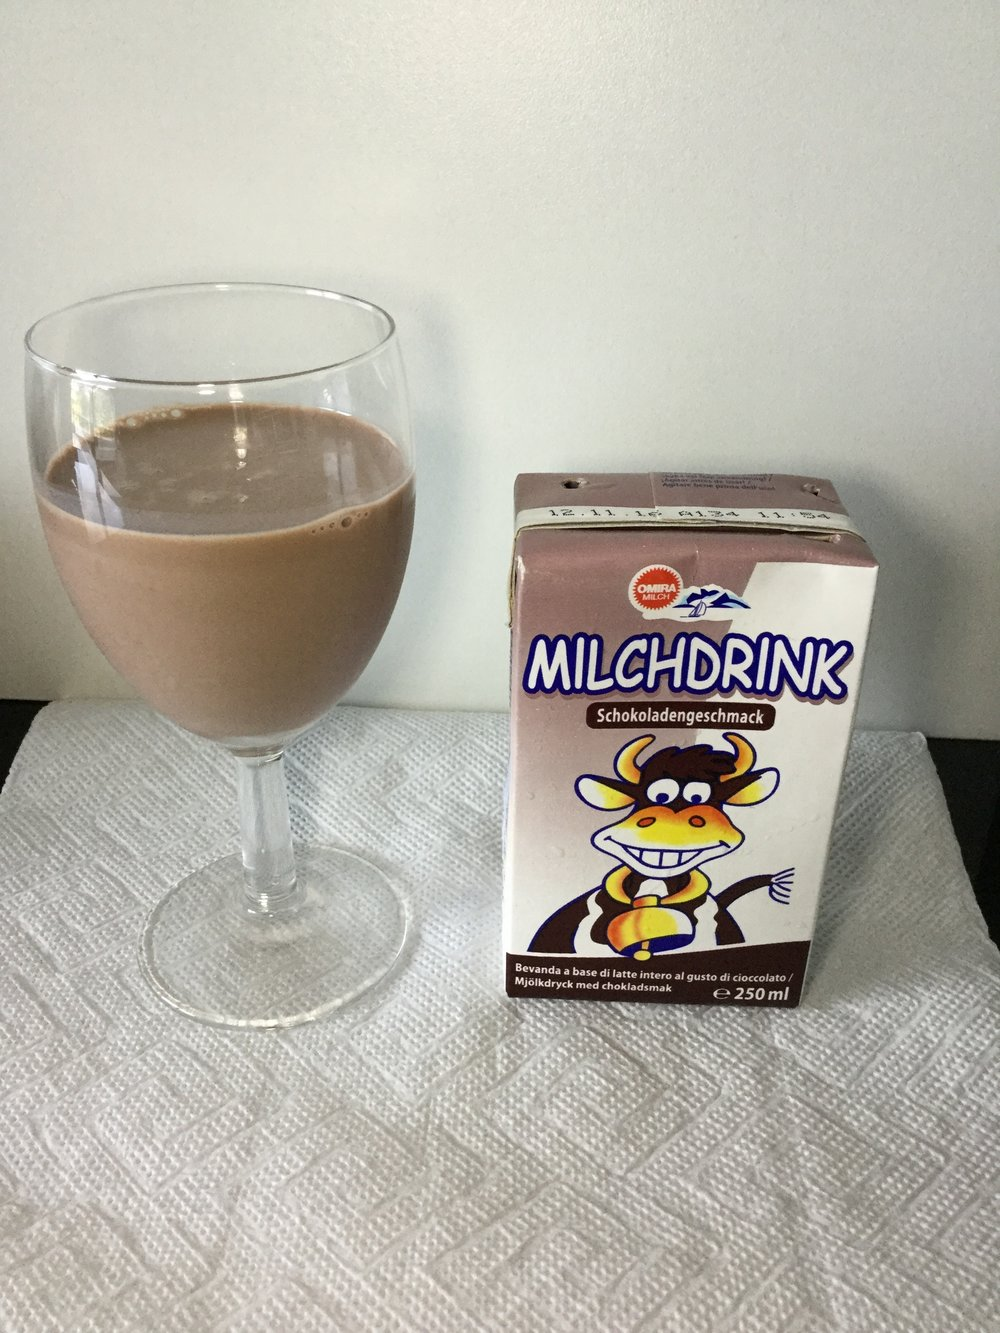 Omira Milchdrink Schokoladengeschmack Cup